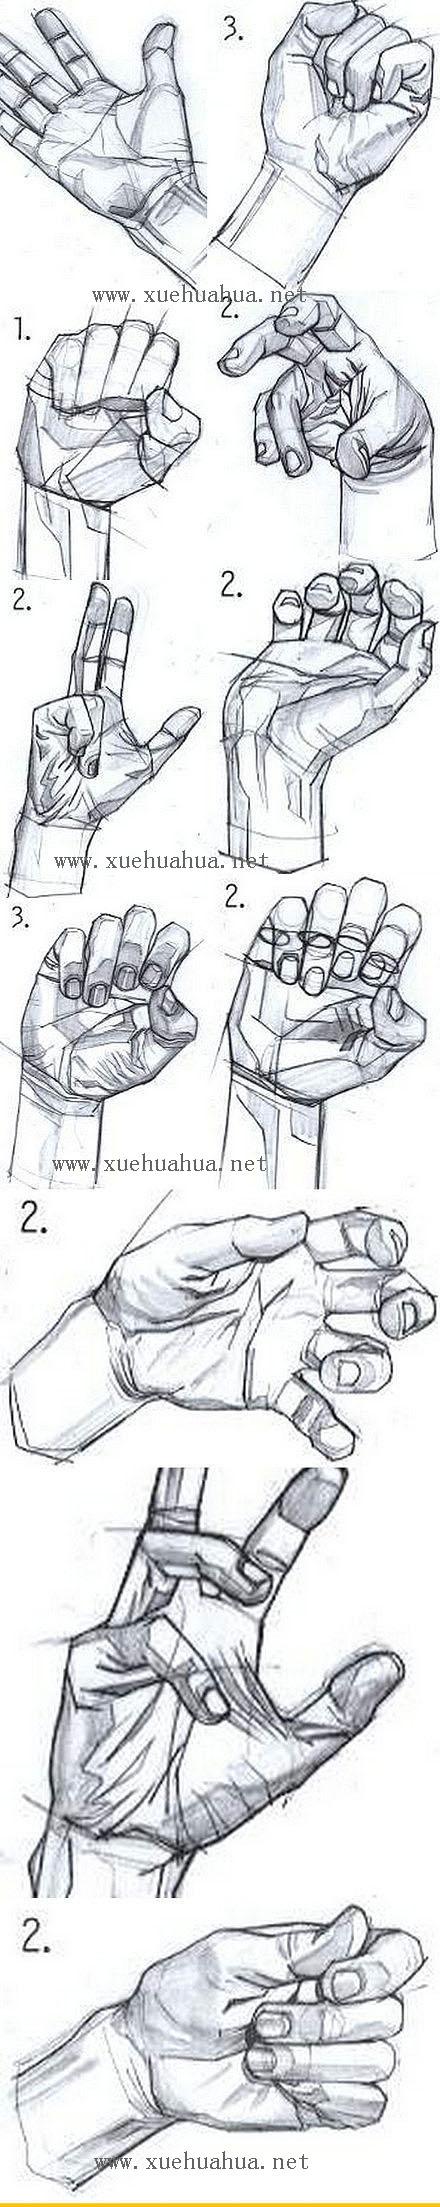 手的姿态画法